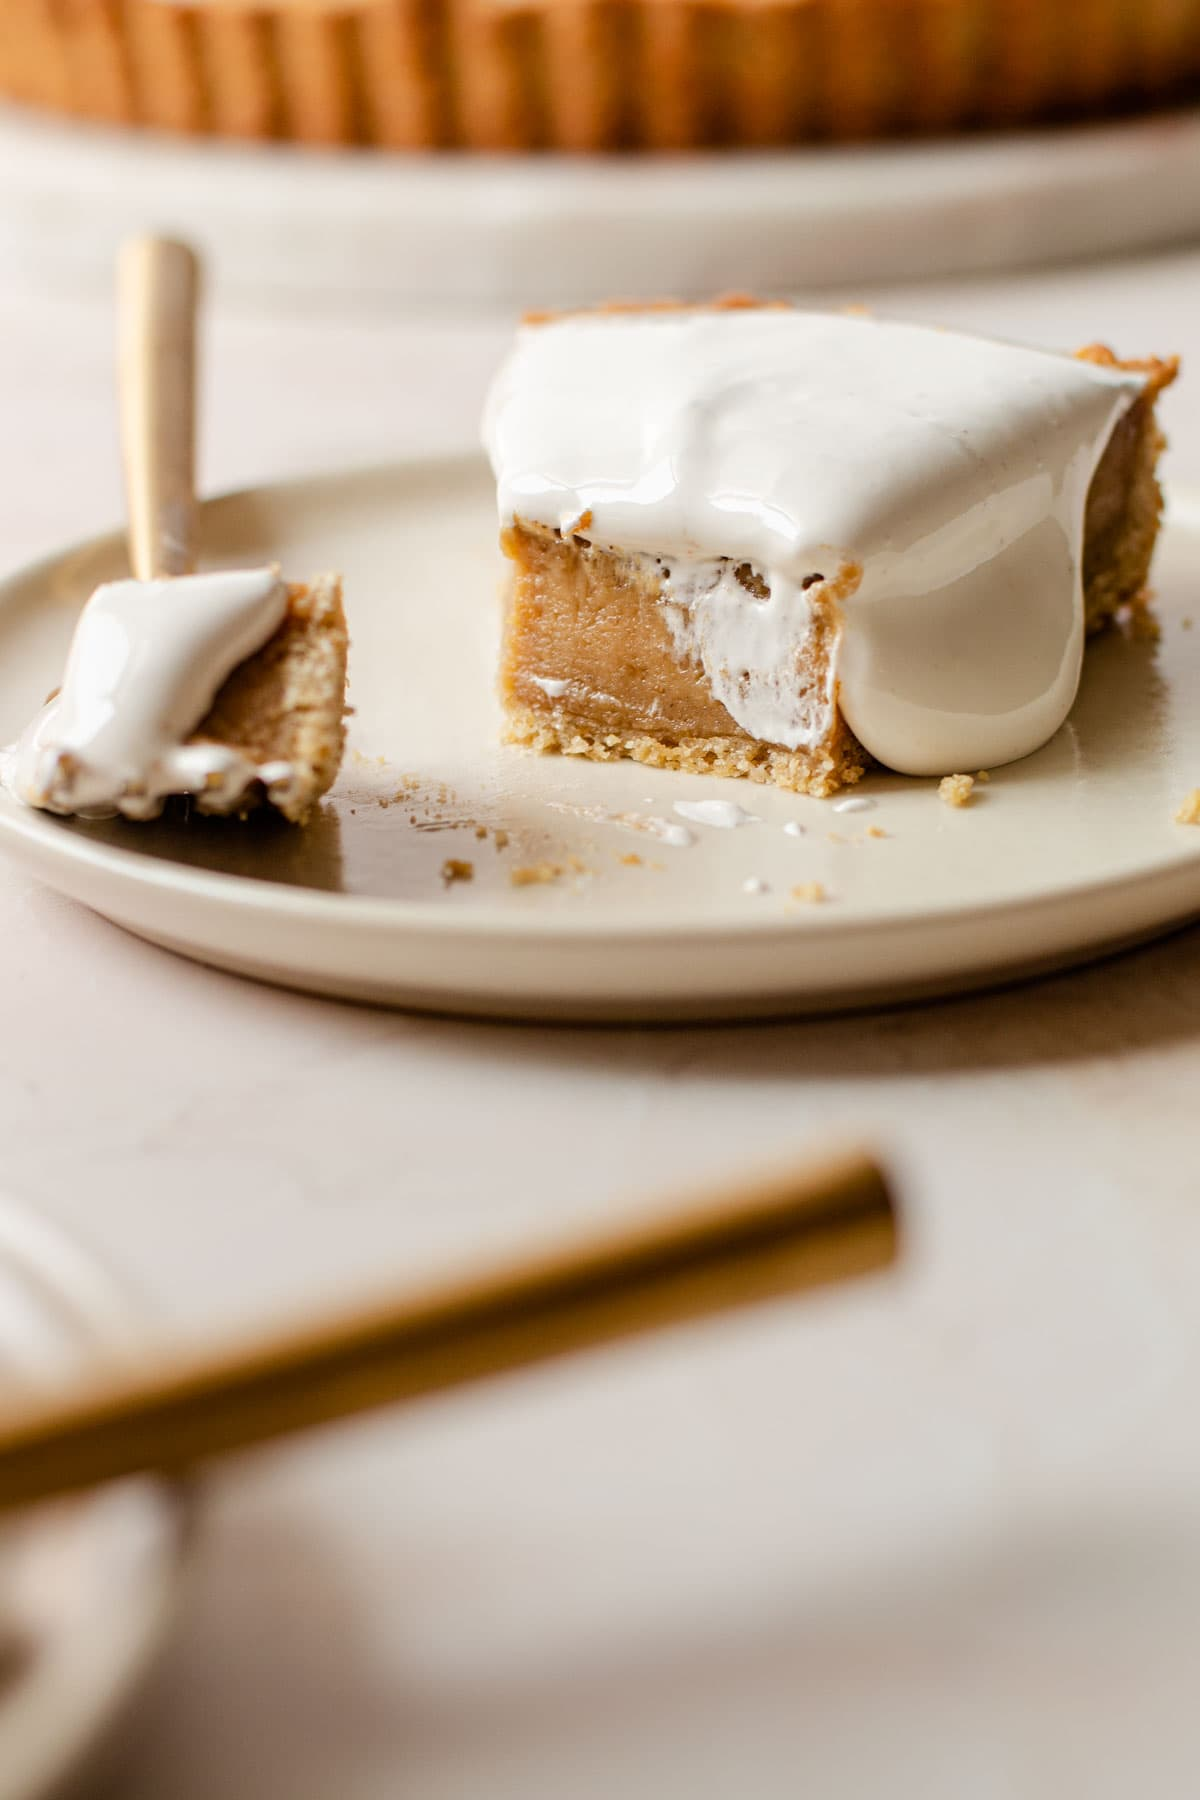 A peanut butter and fluff tart slice.